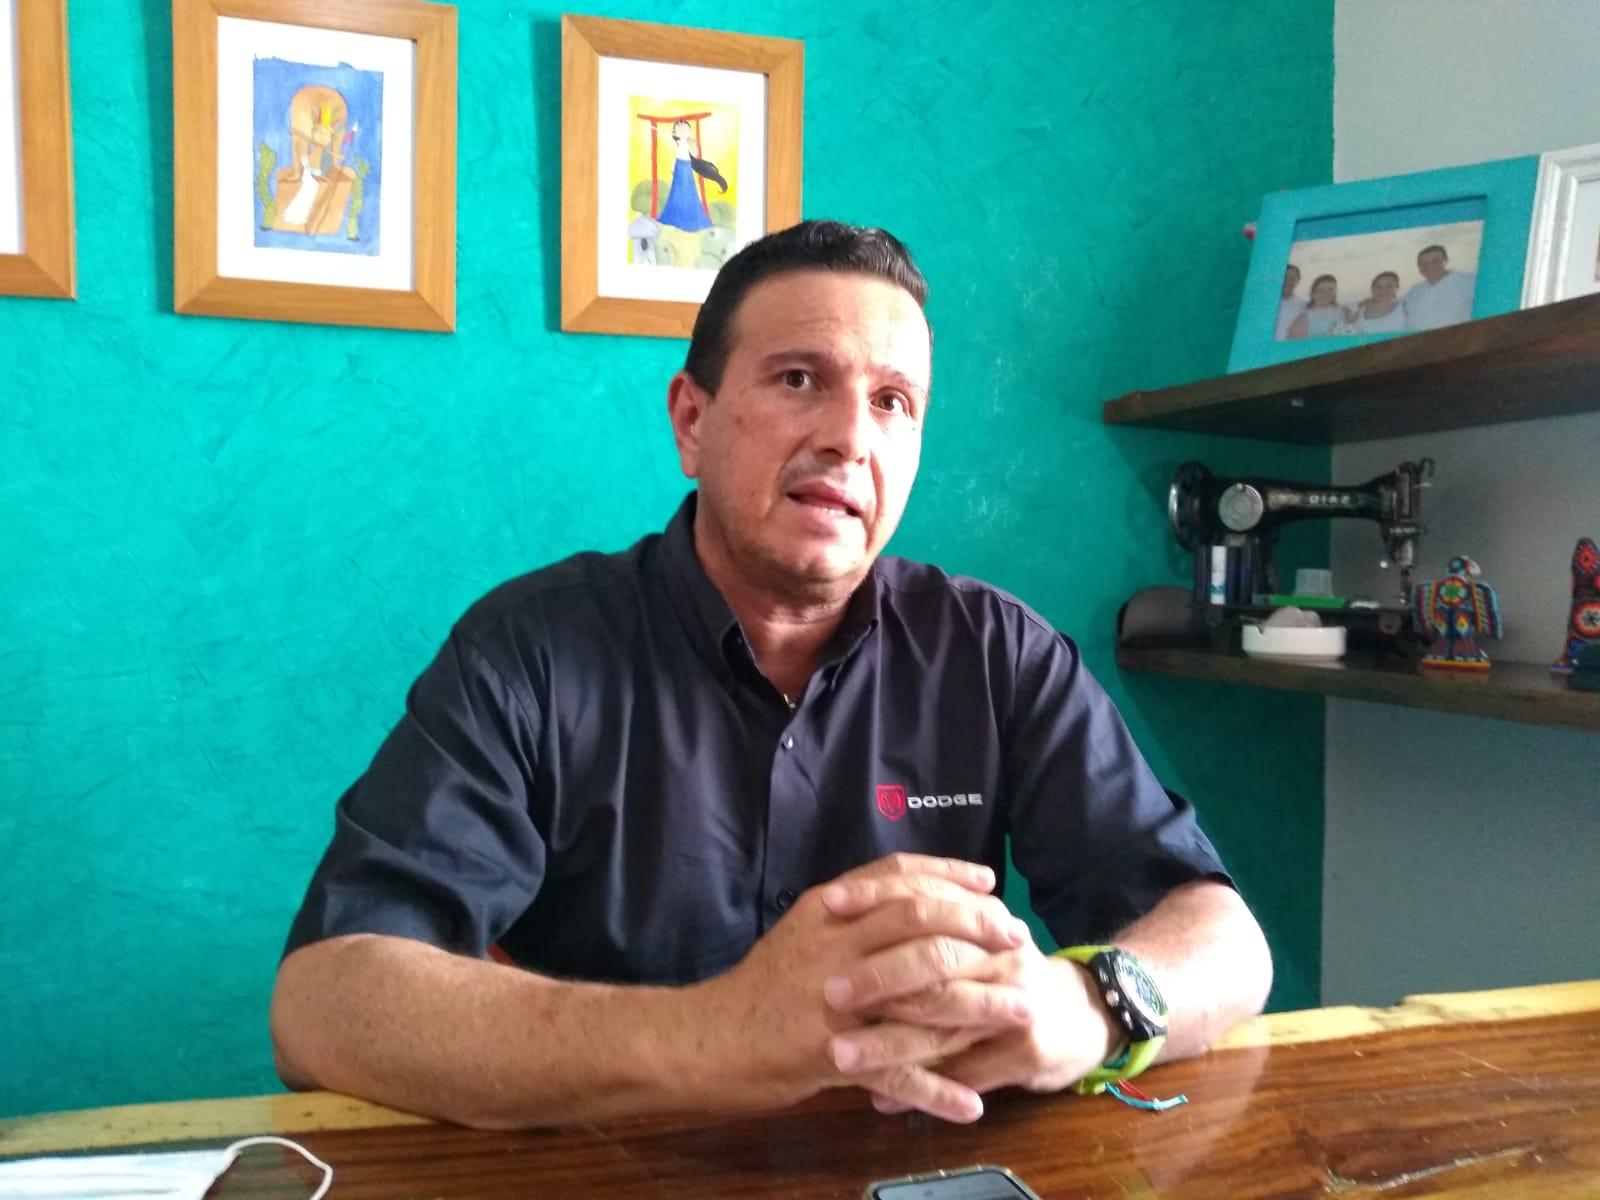 Un gran paso a la democracia la Consulta Popular: Javier Pinto